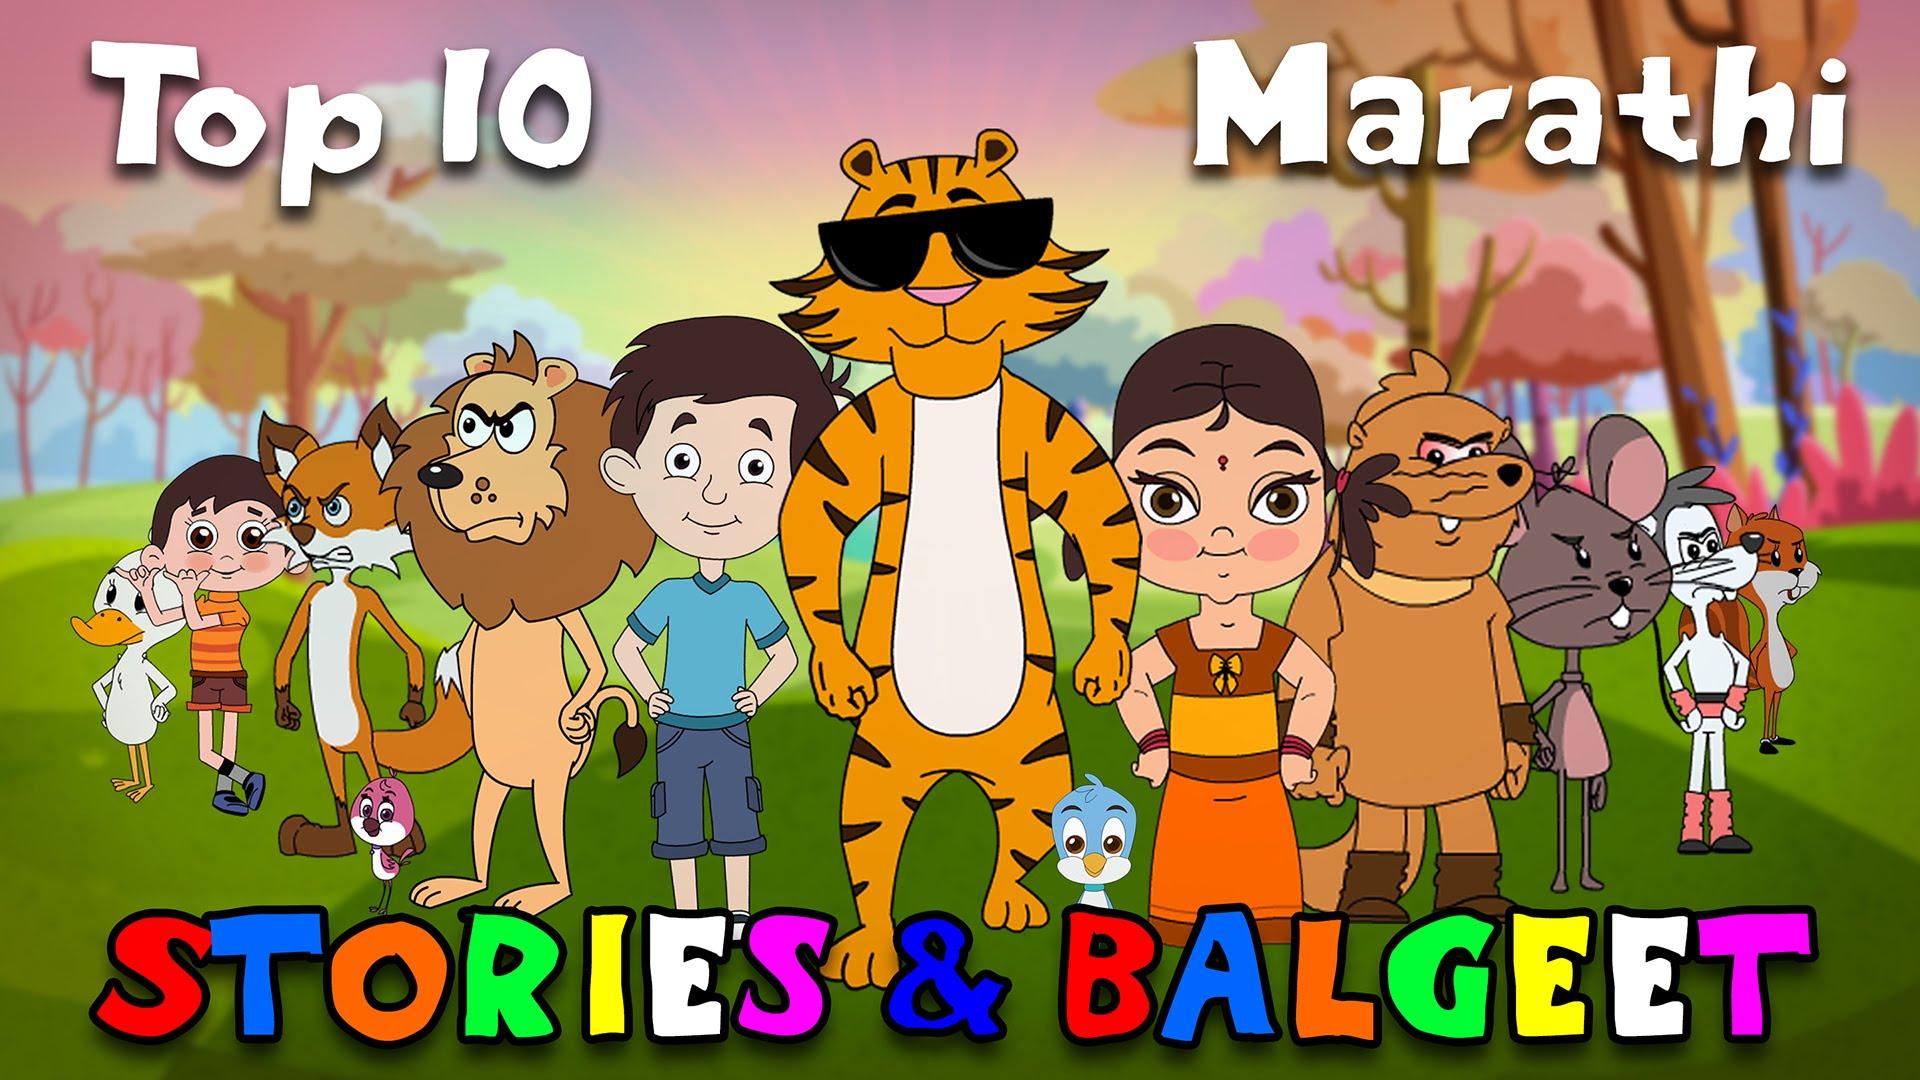 Top 10 Marathi Balgeet For Children & Marathi Stories For Kids